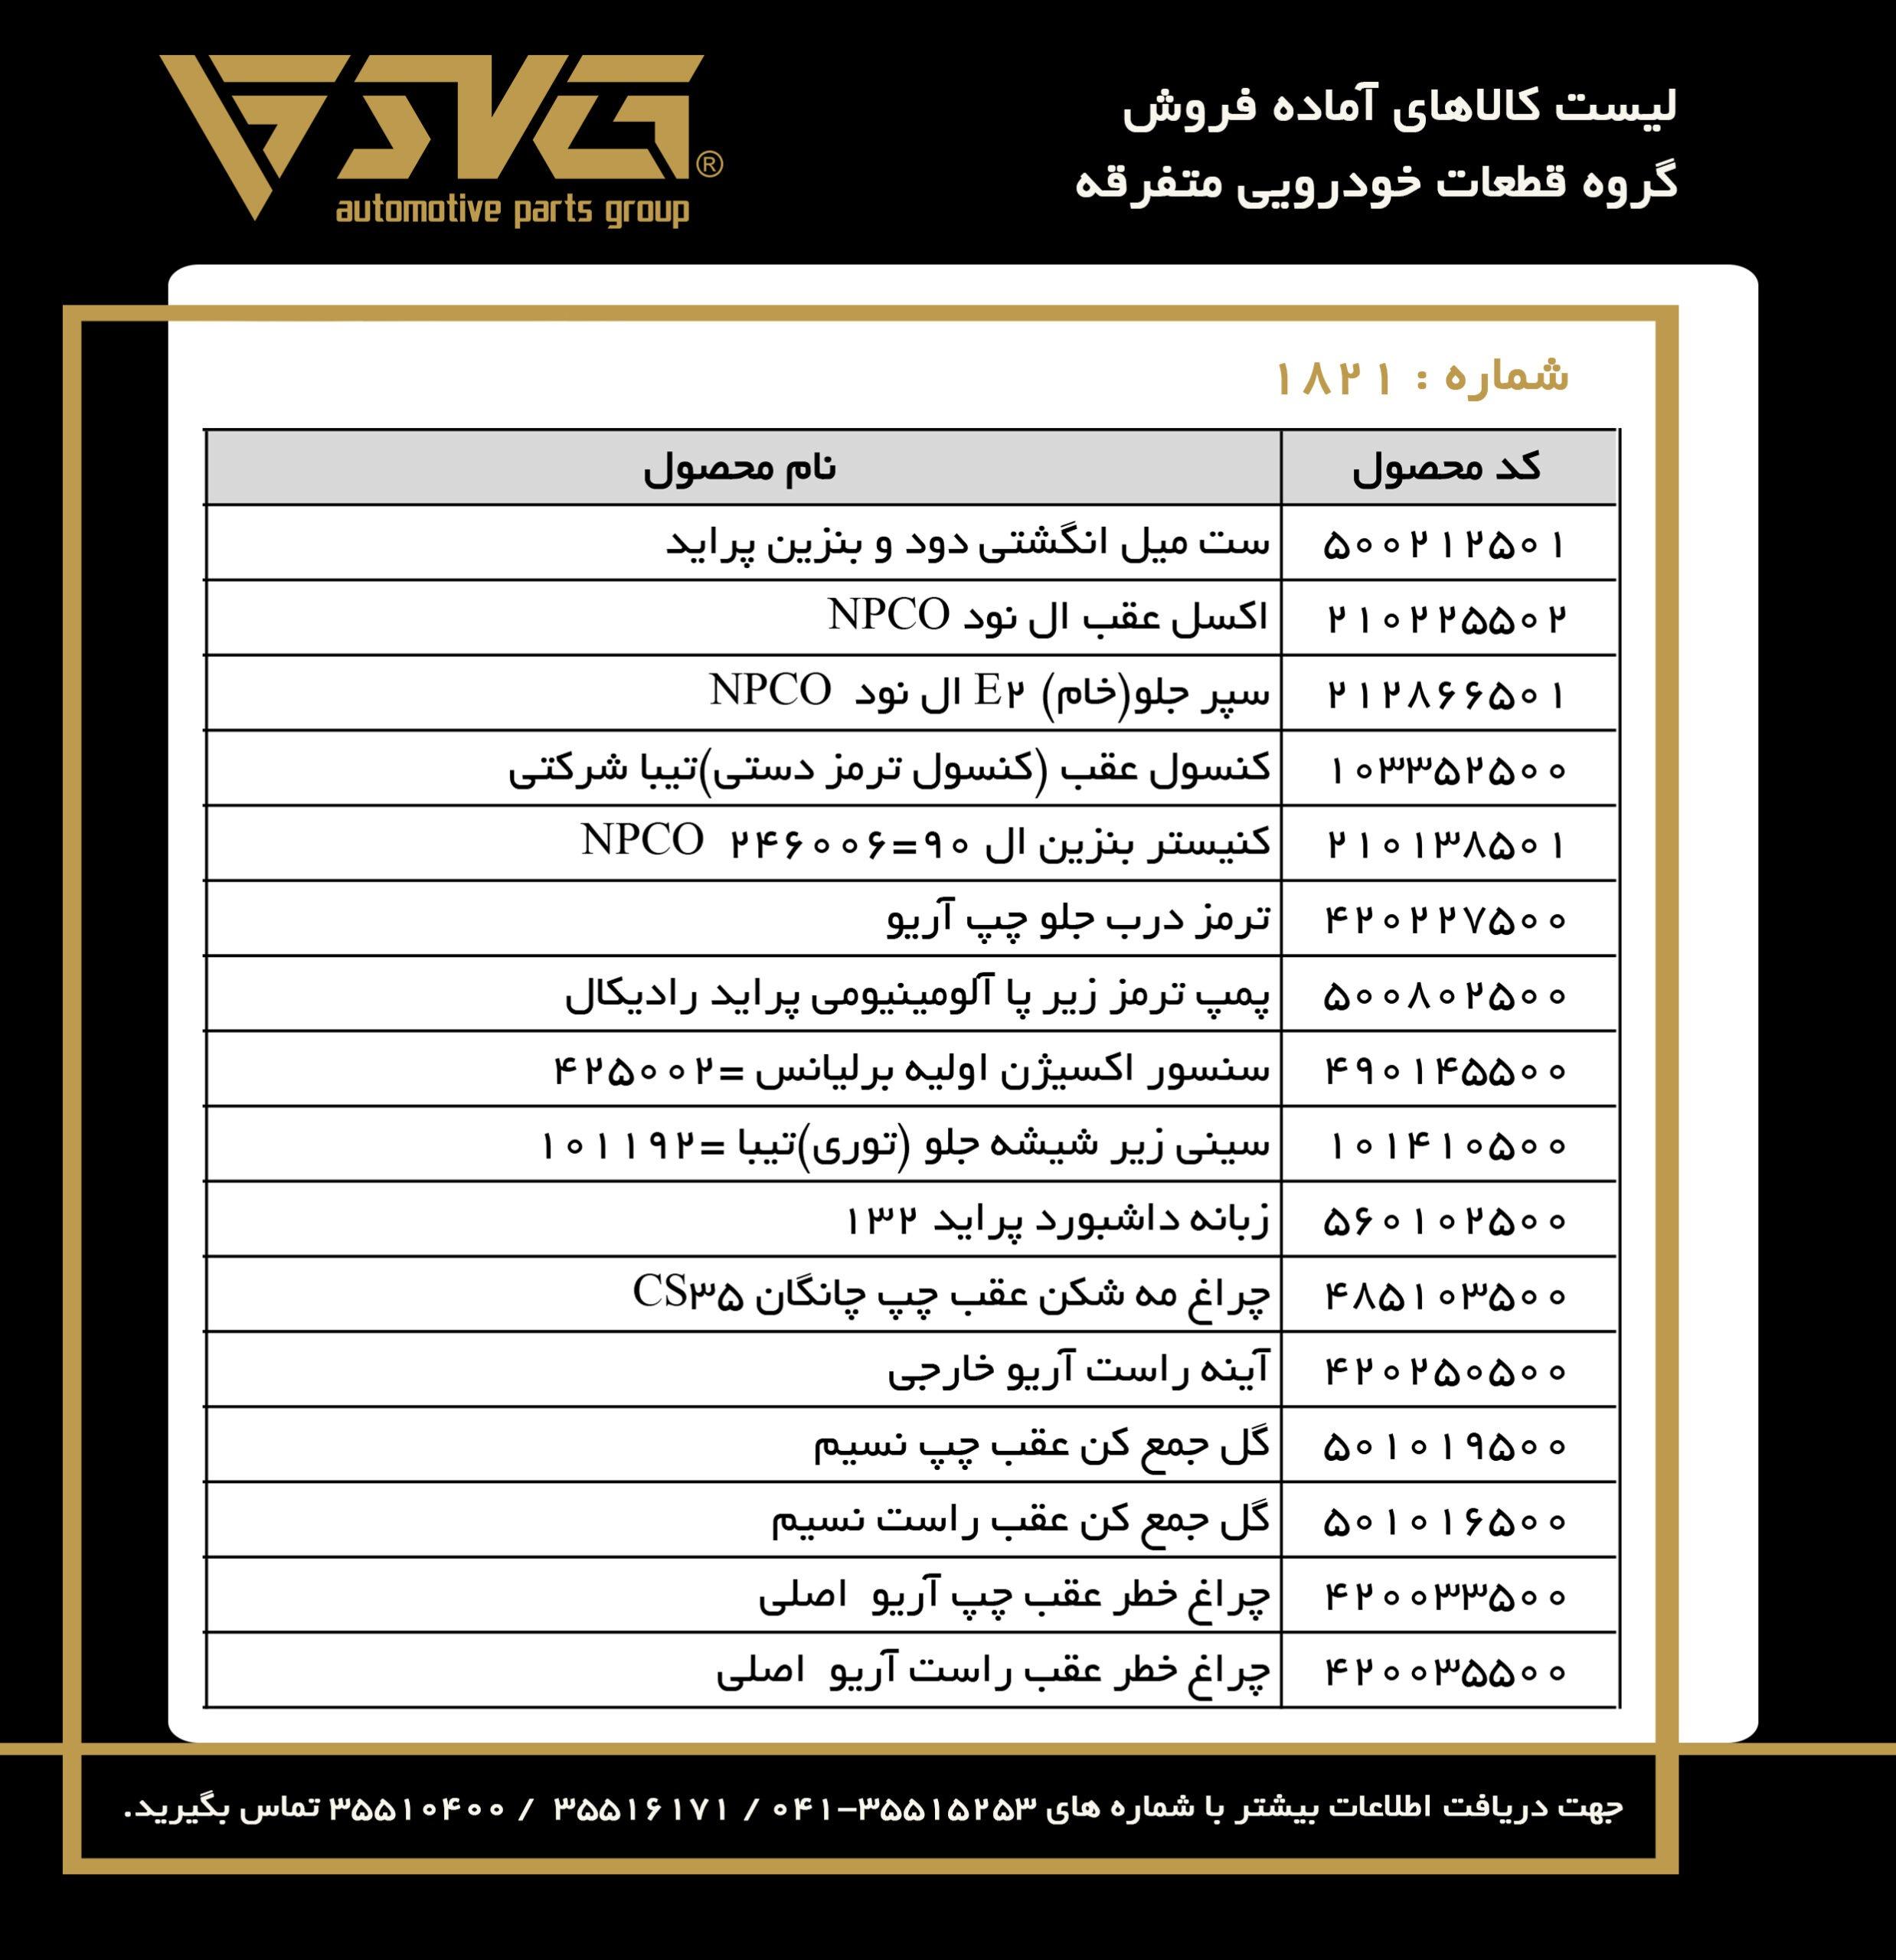 آماده فروش 5 بهمن 99